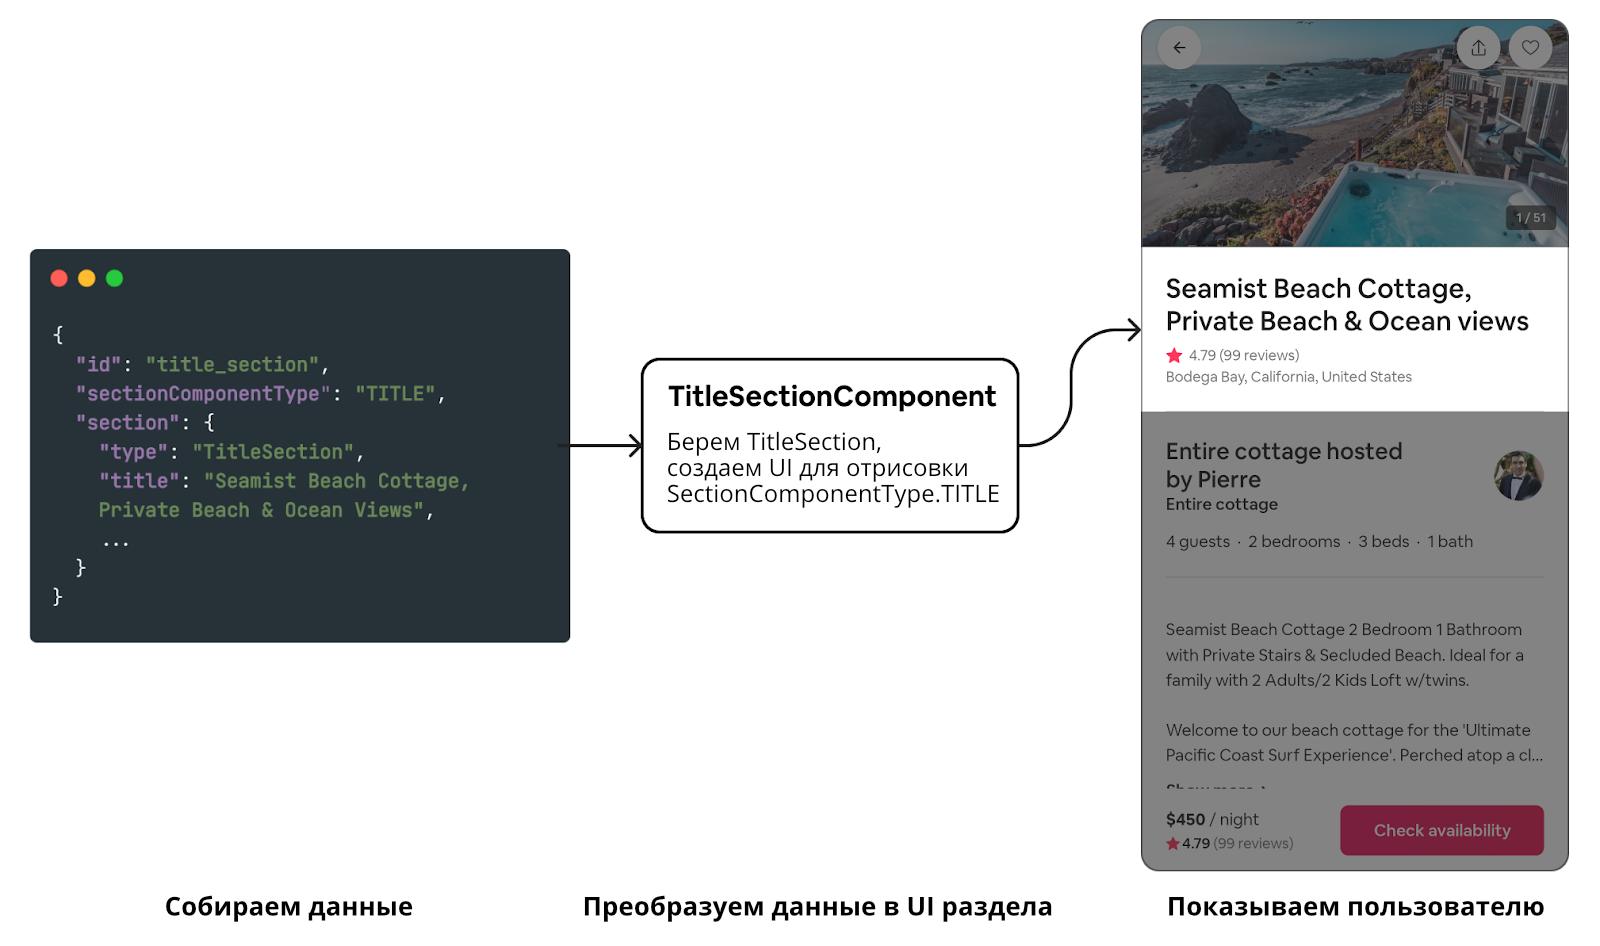 Рисунок 6. GP берет данные раздела, с помощью компонента раздела преобразует их в UI (TitleSectionComponent на рисунке 5) и показывает пользователю собранный интерфейс раздела